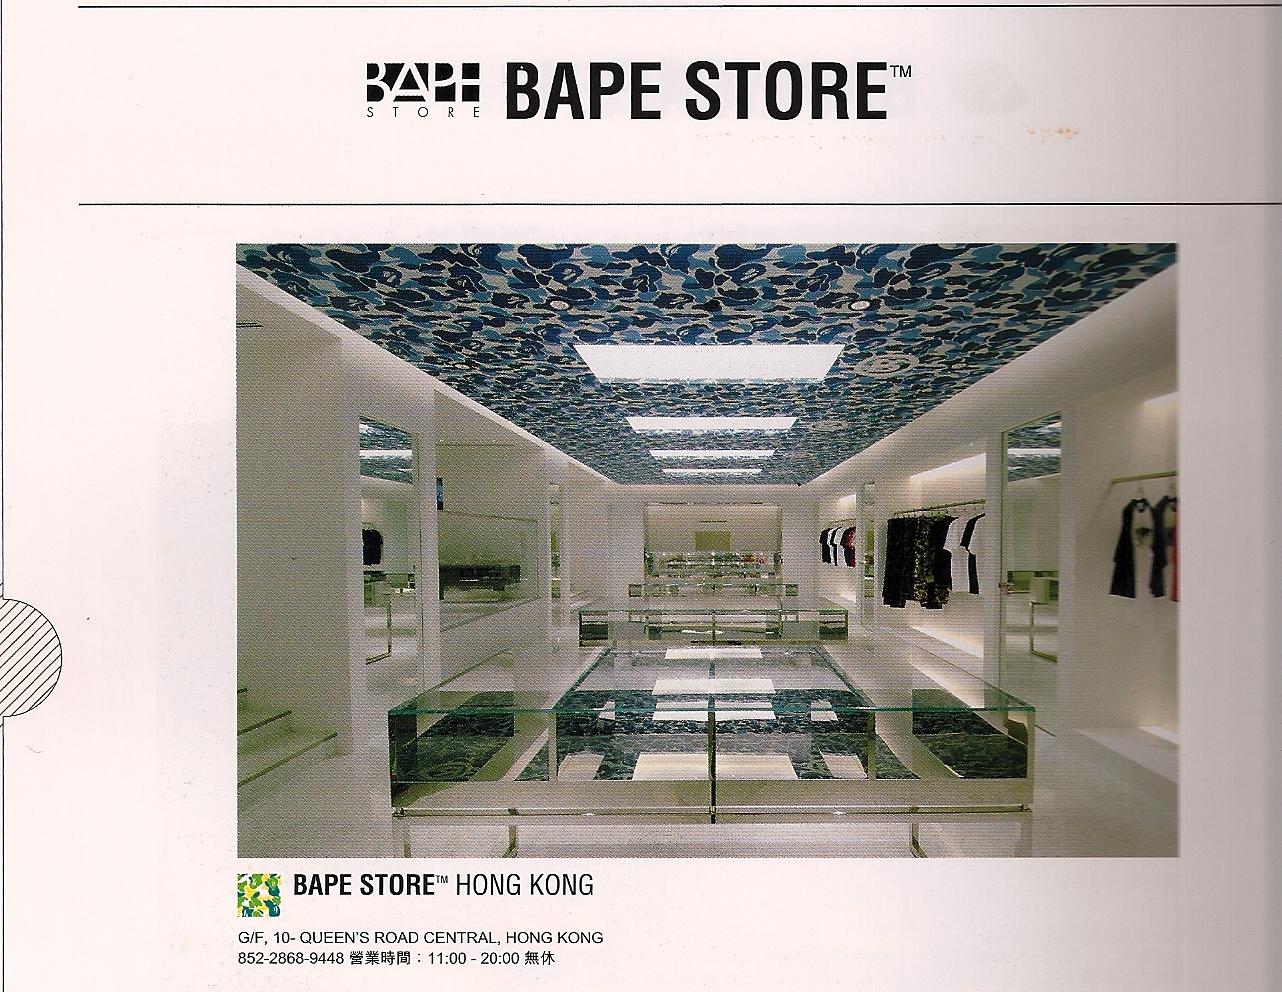 Bape Store Hong Kong in A ABathing Ape 2006 Catalog